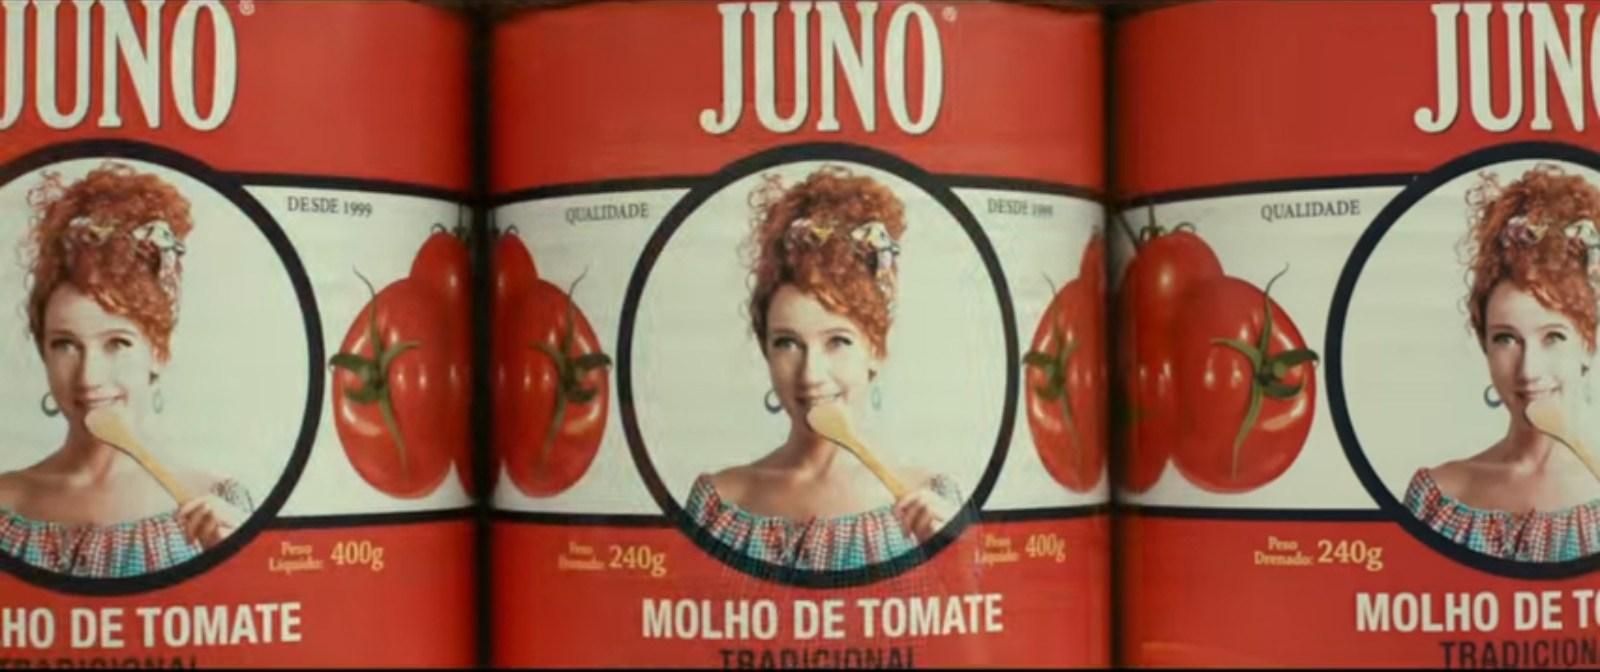 """Imagem de Divórcio contém três latas do molho de tomate """"Juno"""", que foi criado por Noeli (Camila Morgado) e Julio (Murilo Benicio)"""